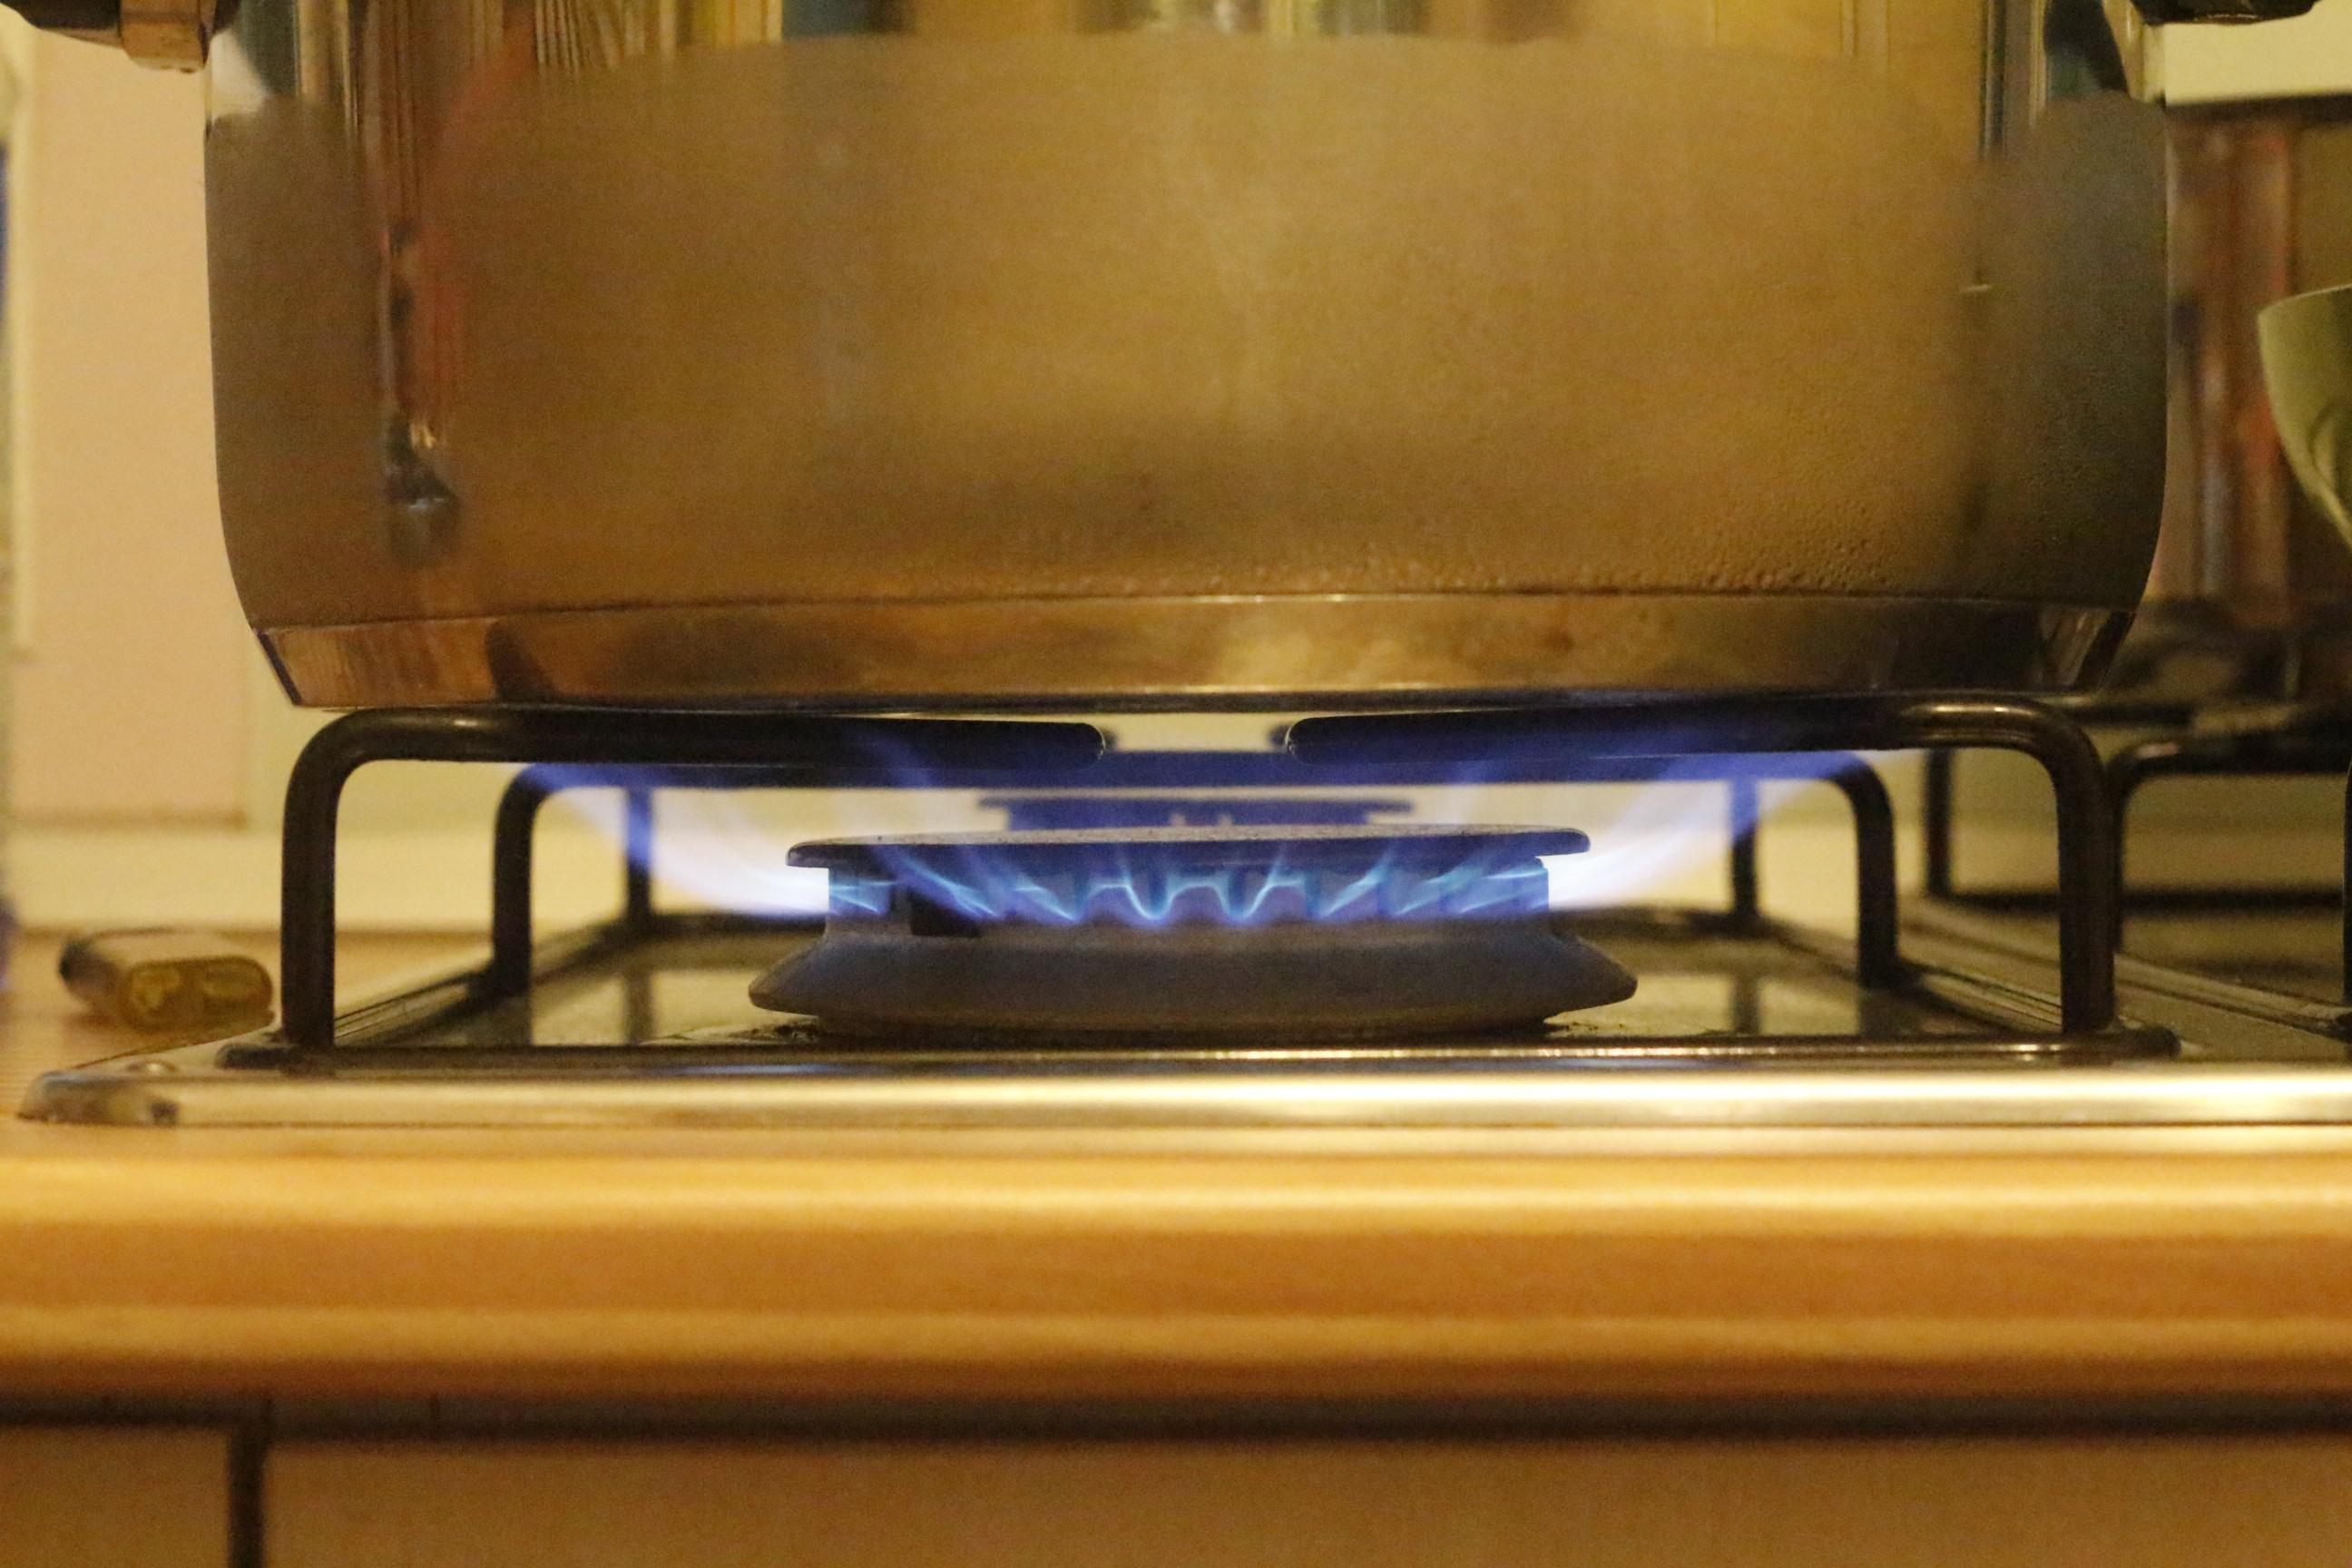 Kochtopf auf blauer Flamme